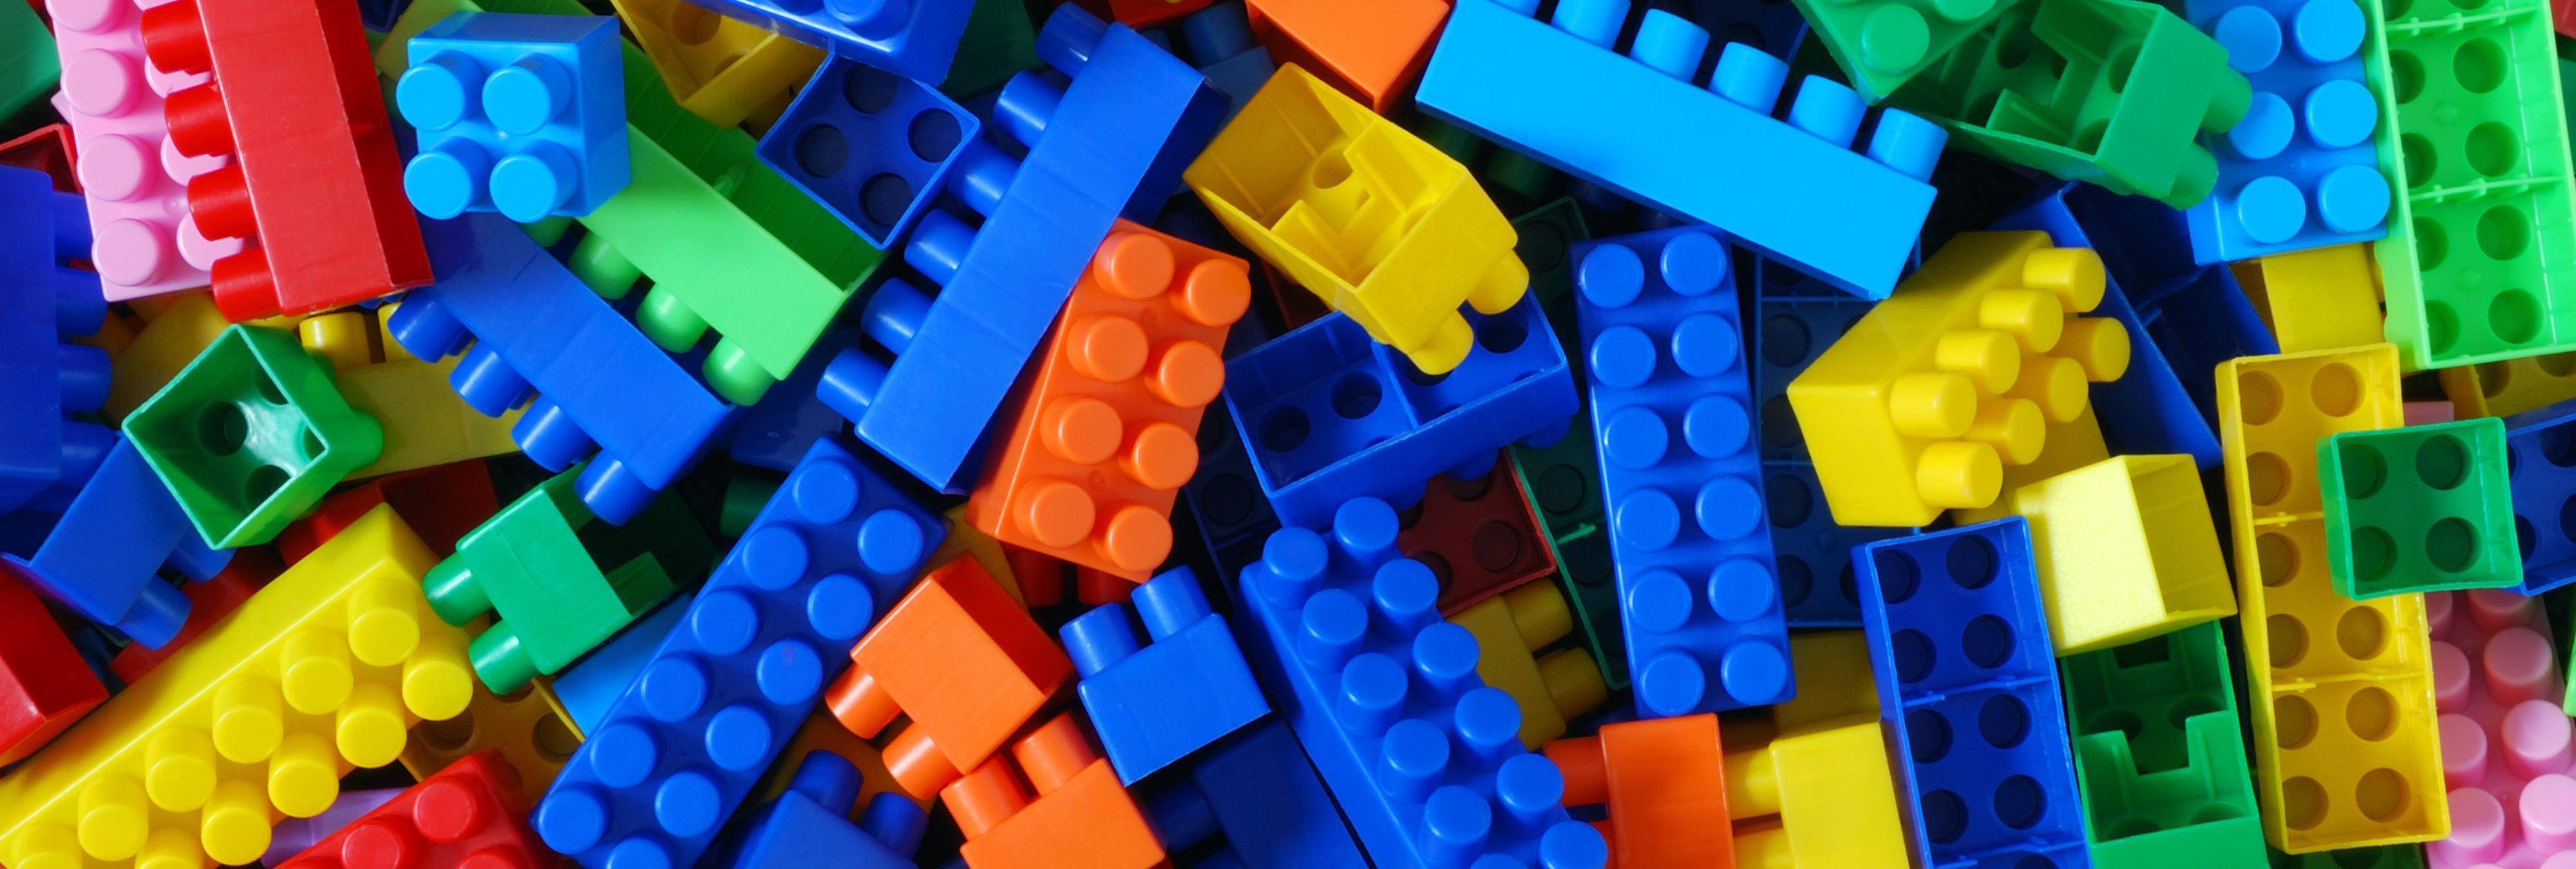 La polémica de Lego y su vinculación a medios de comunicación xenófobos y homófobos